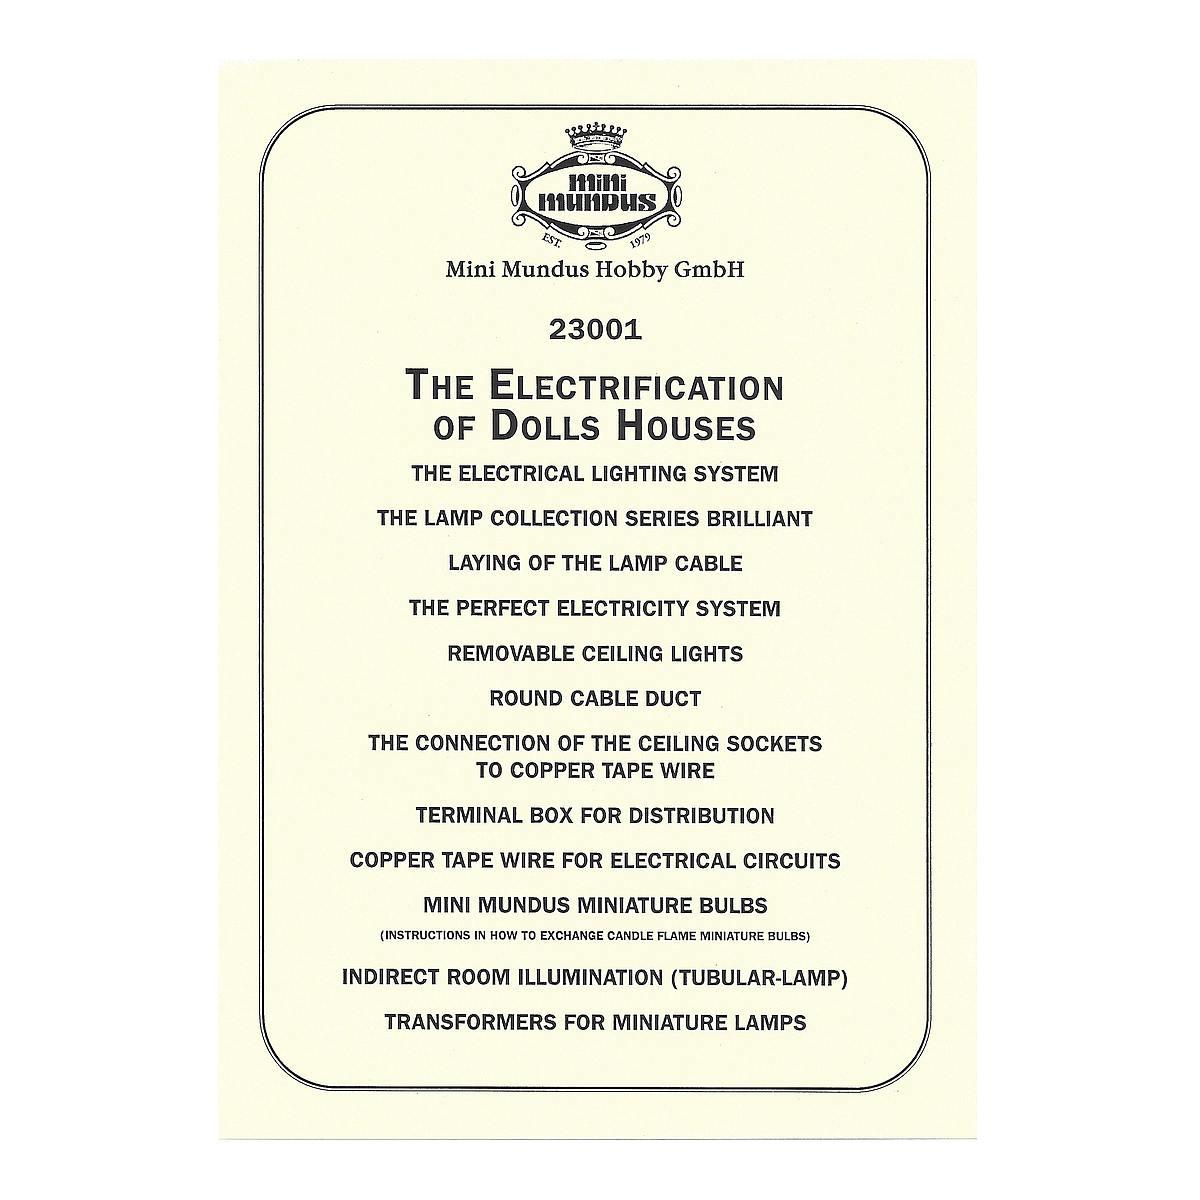 Anleitung - Elektroinstallation - ENGLISCH